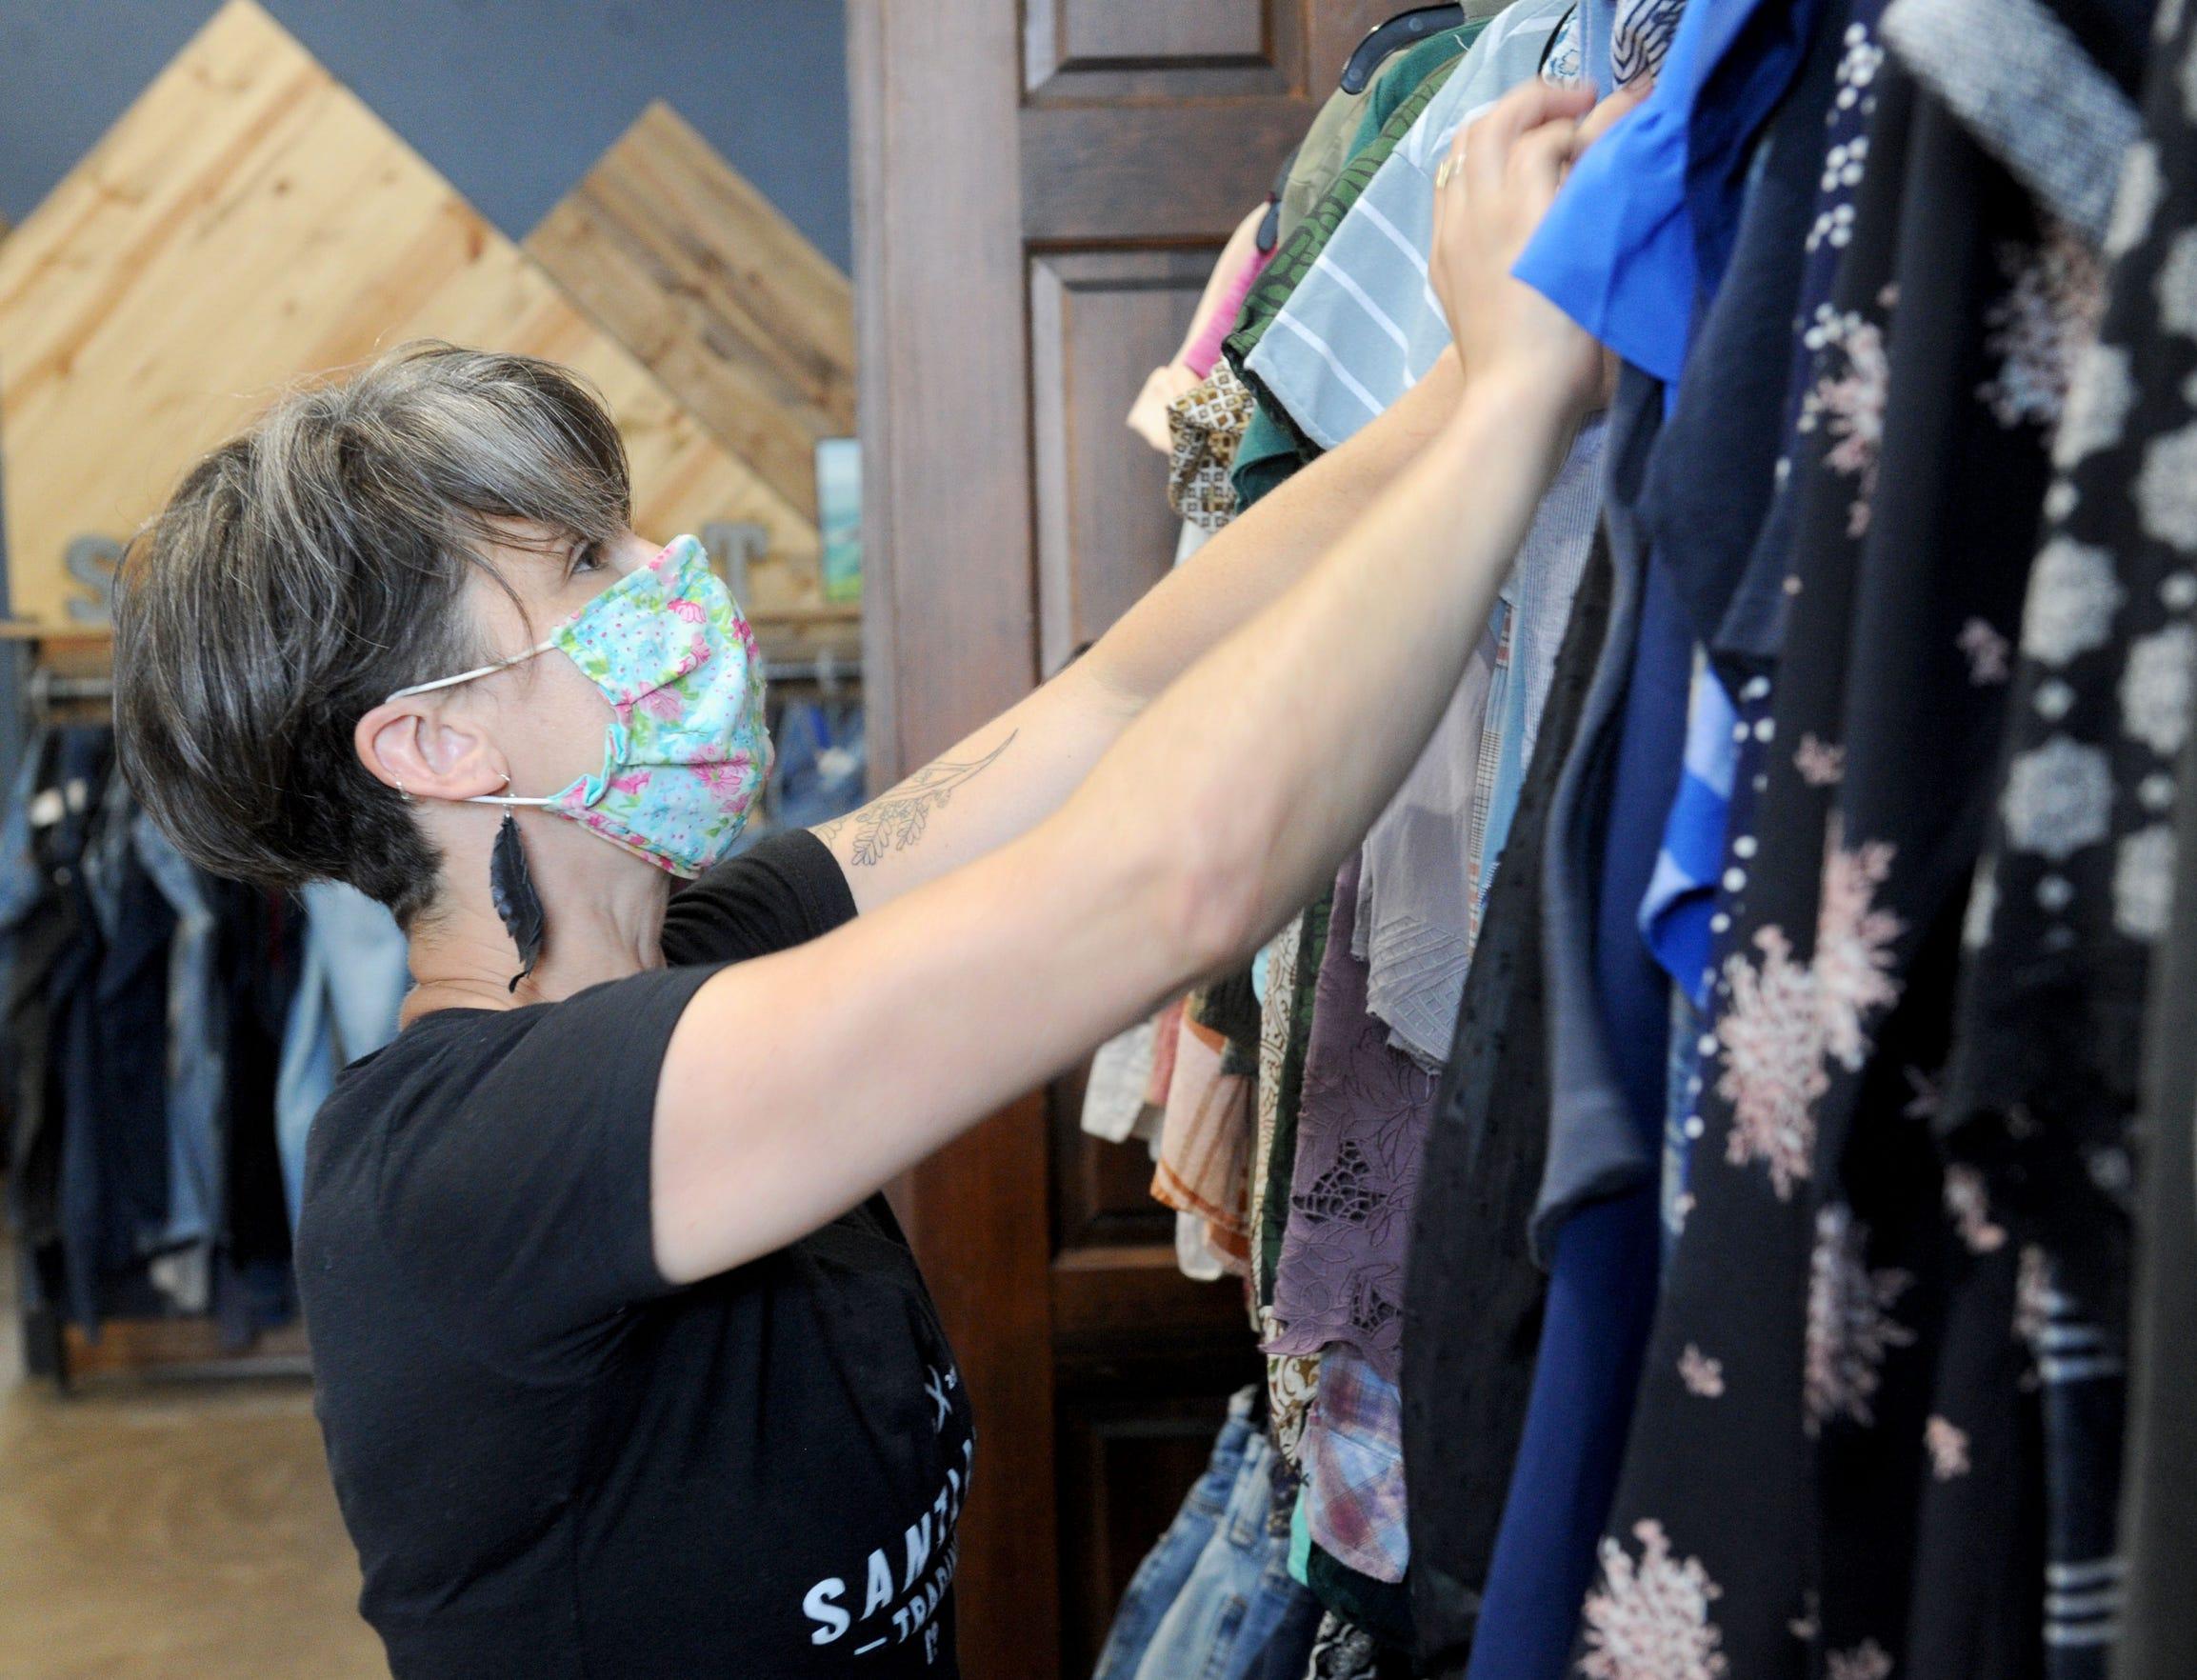 Tracy Hanna, owner of Santa Paula Trading Co in Santa Paula, rearranges clothes on Tuesday, June 2, 2020.